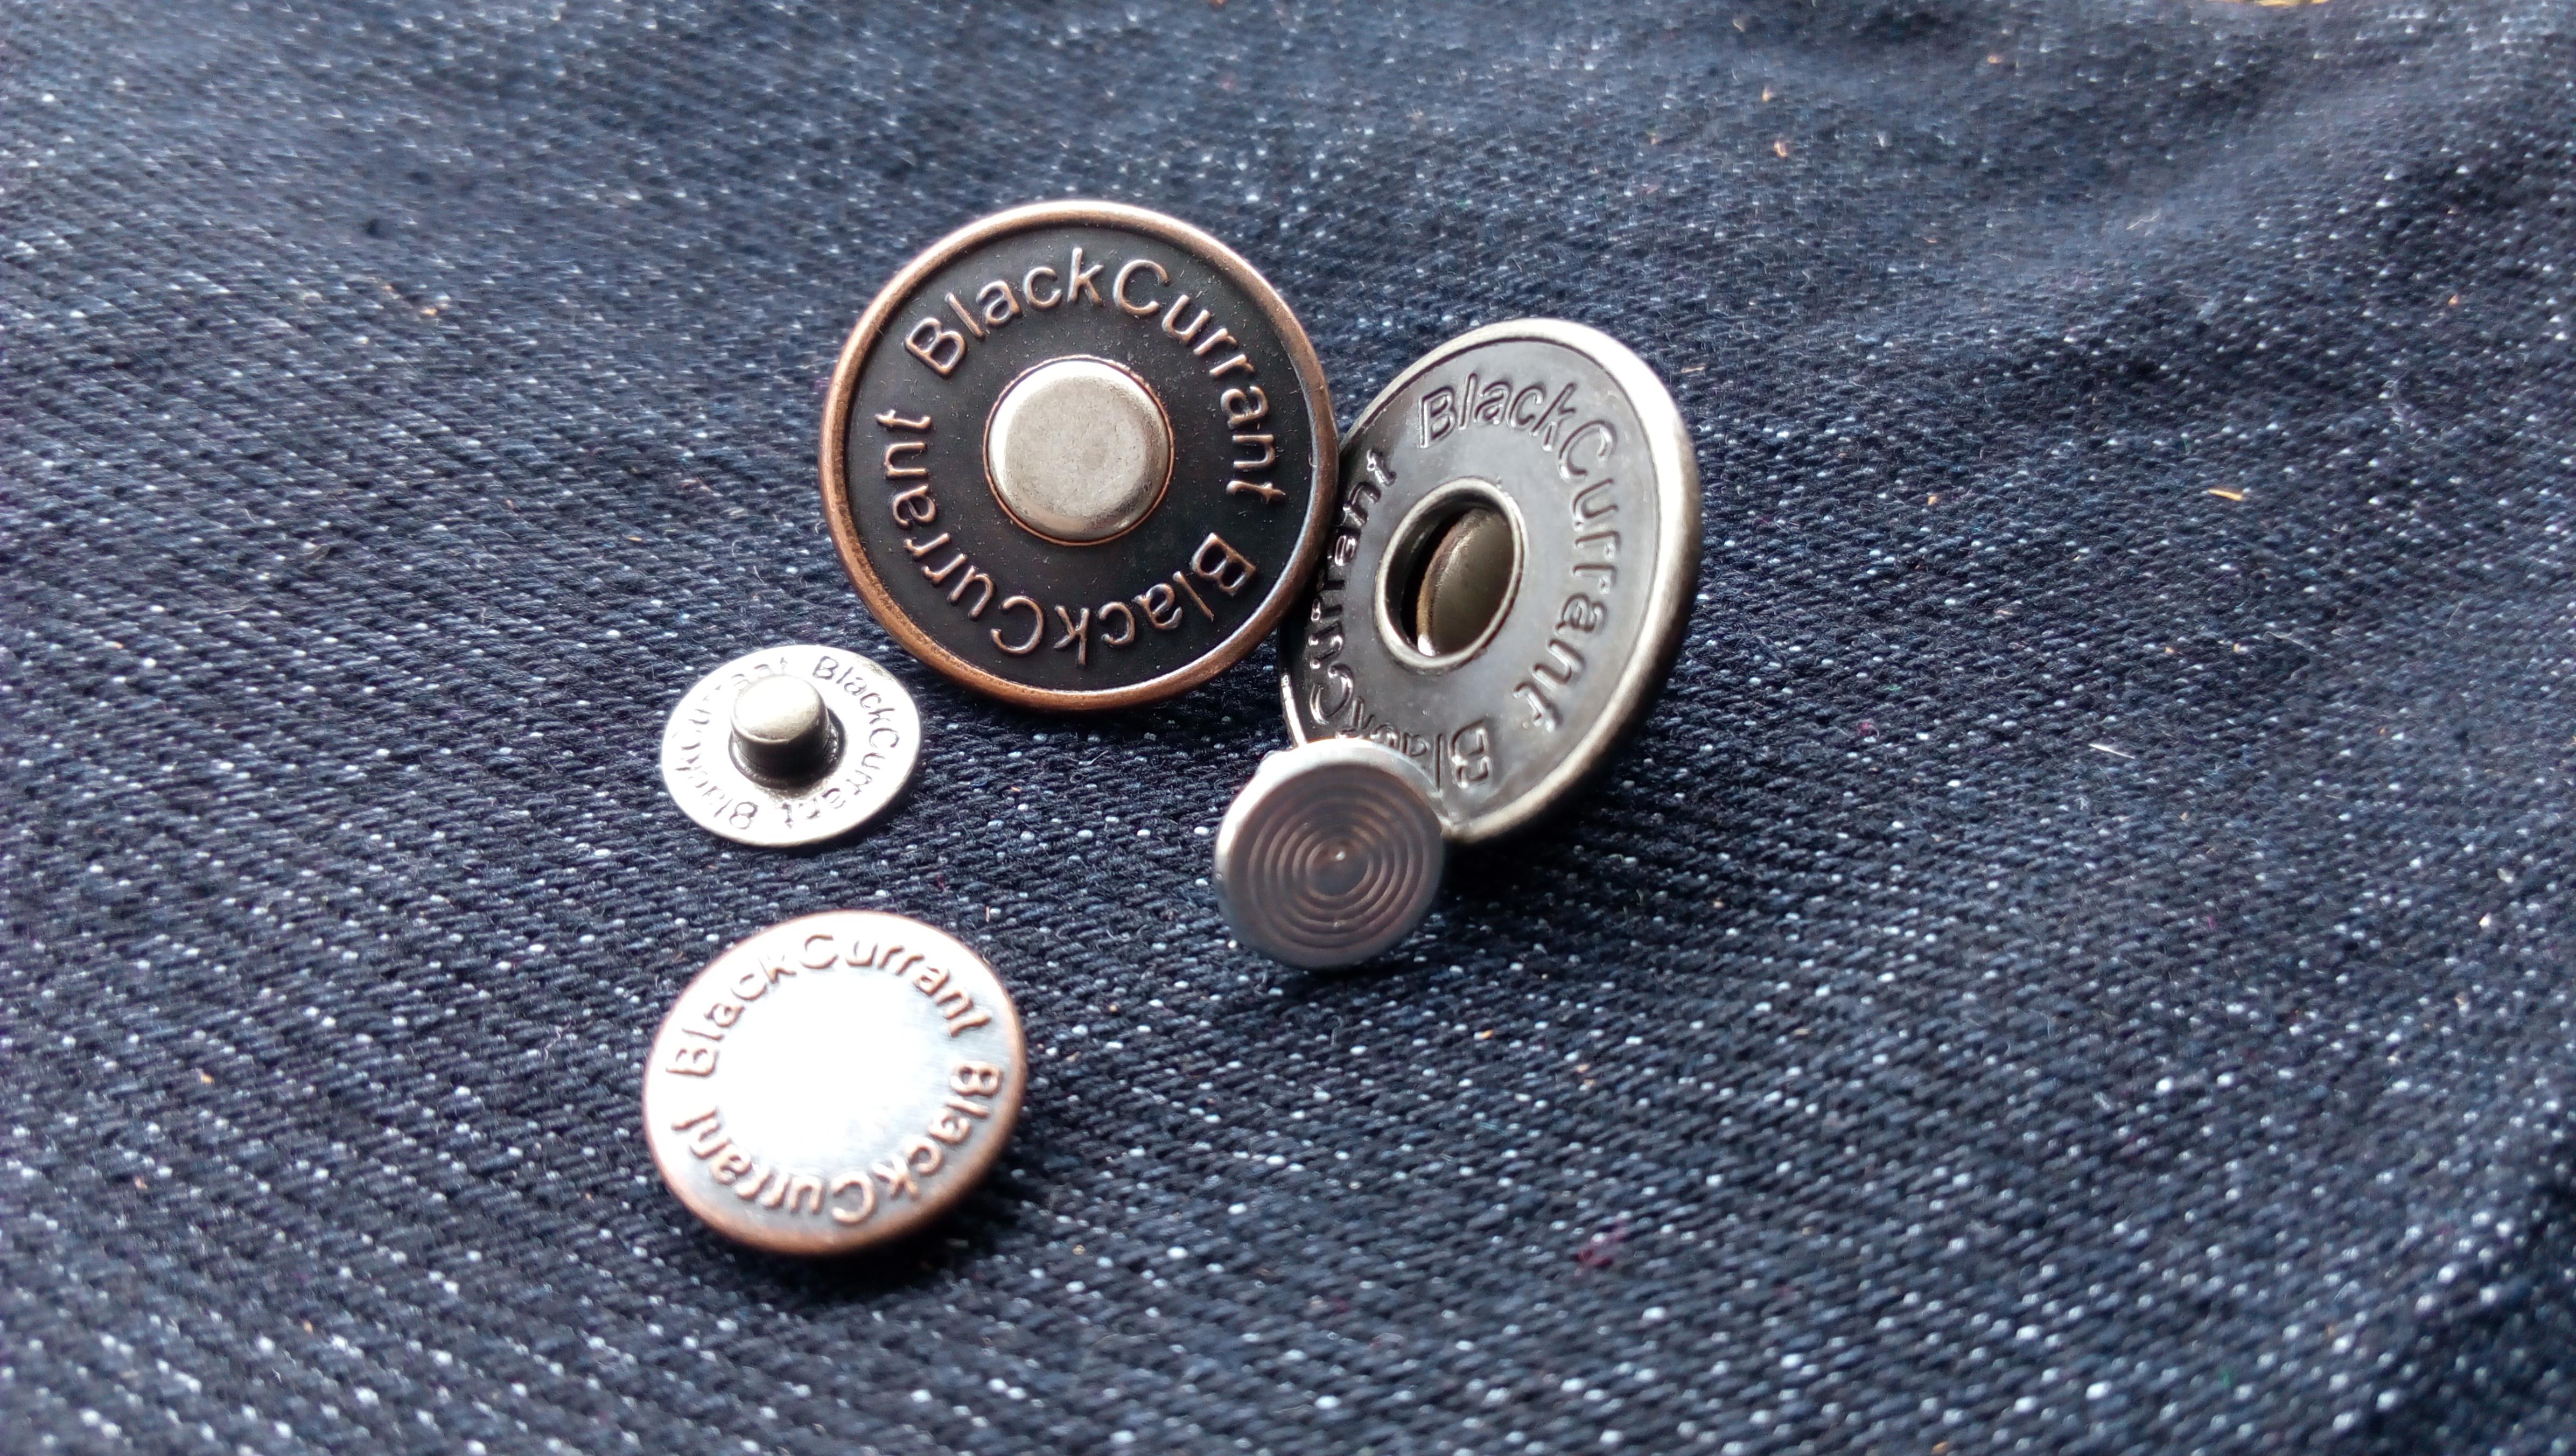 Kancing Besi atau Kancing Jeans